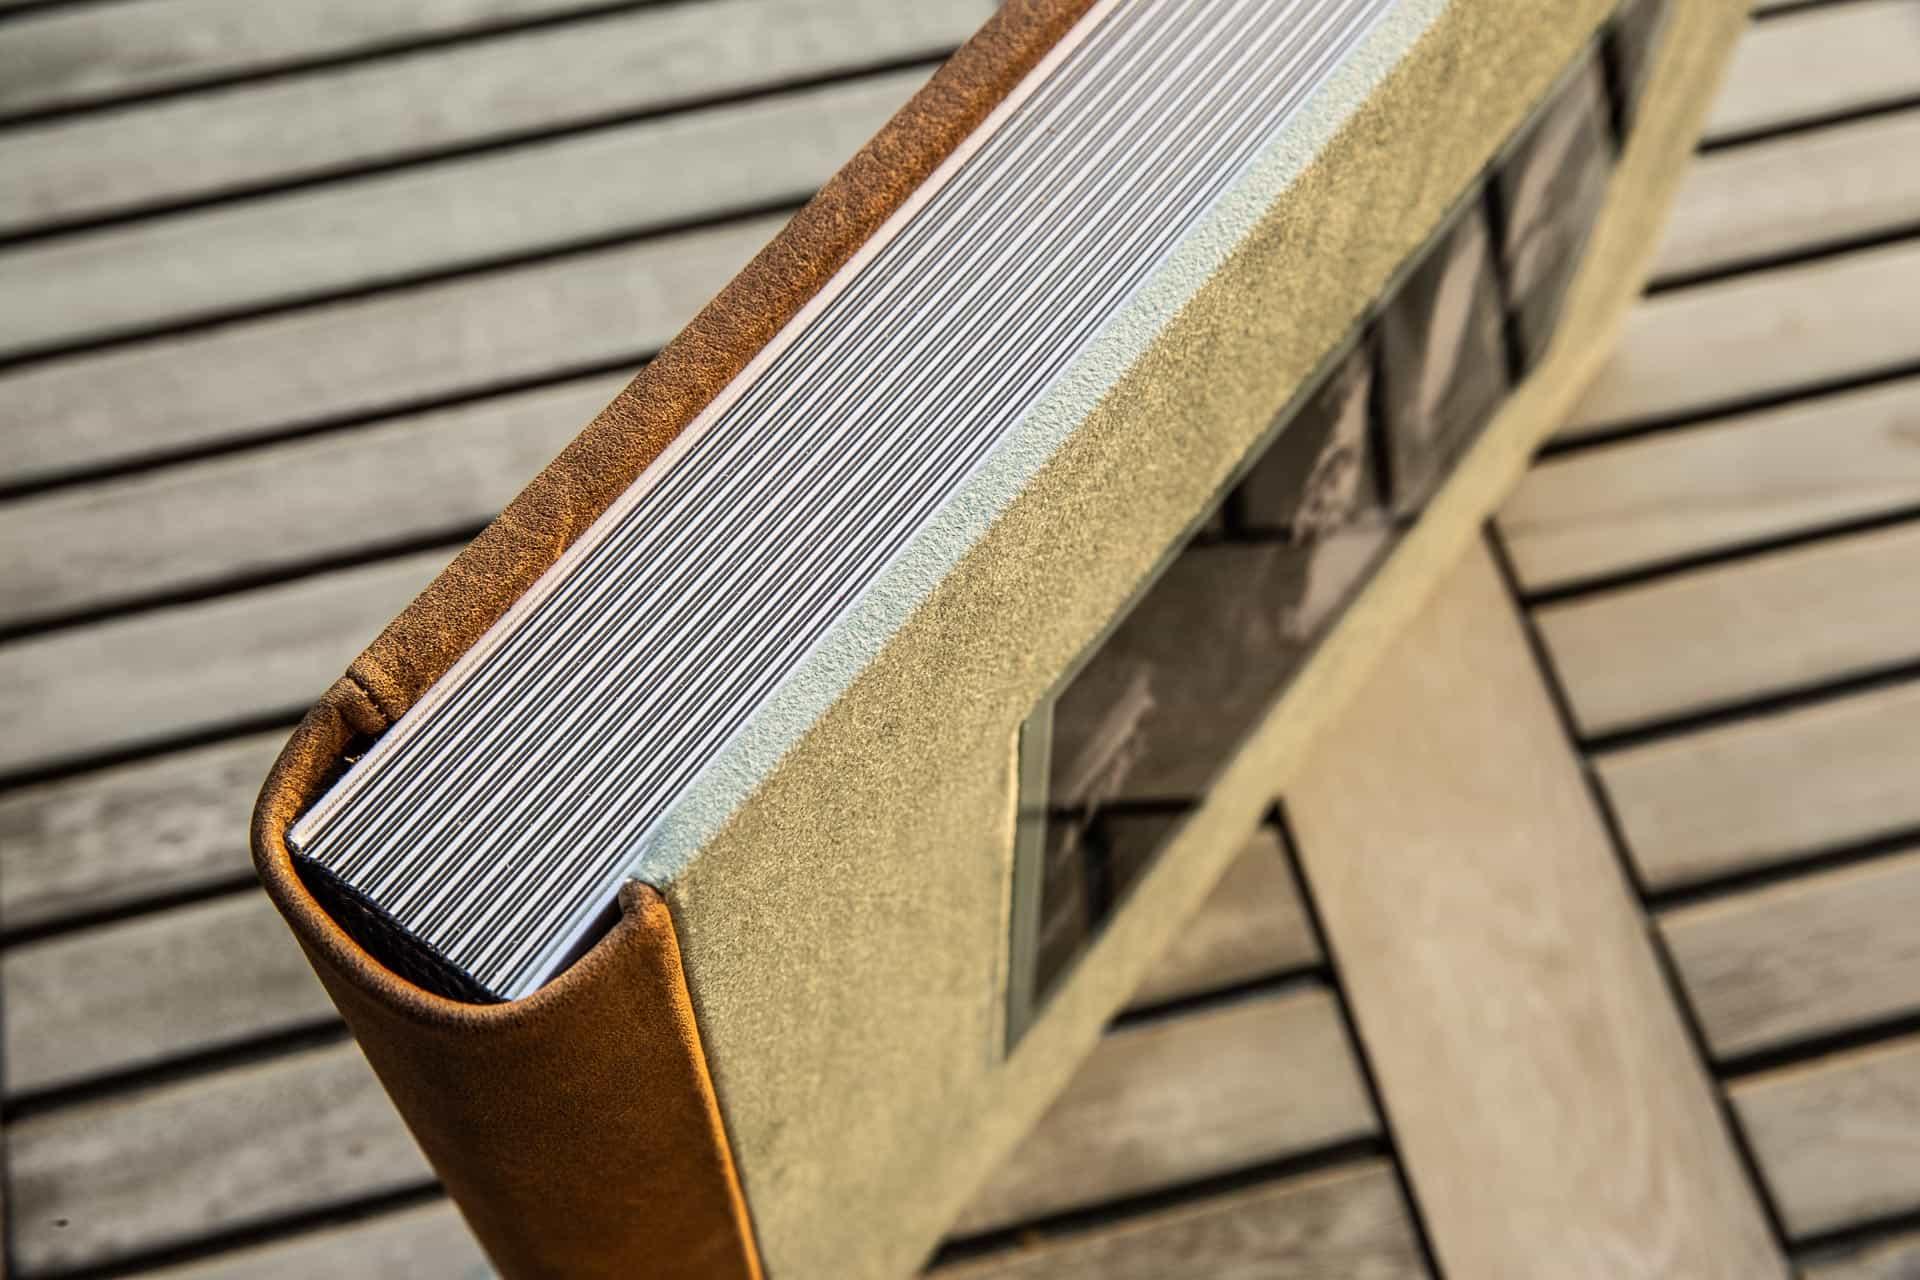 Hochwertigste Fotobücher aus italienischer Produktion - handgearbeitet, edel, wunderschön